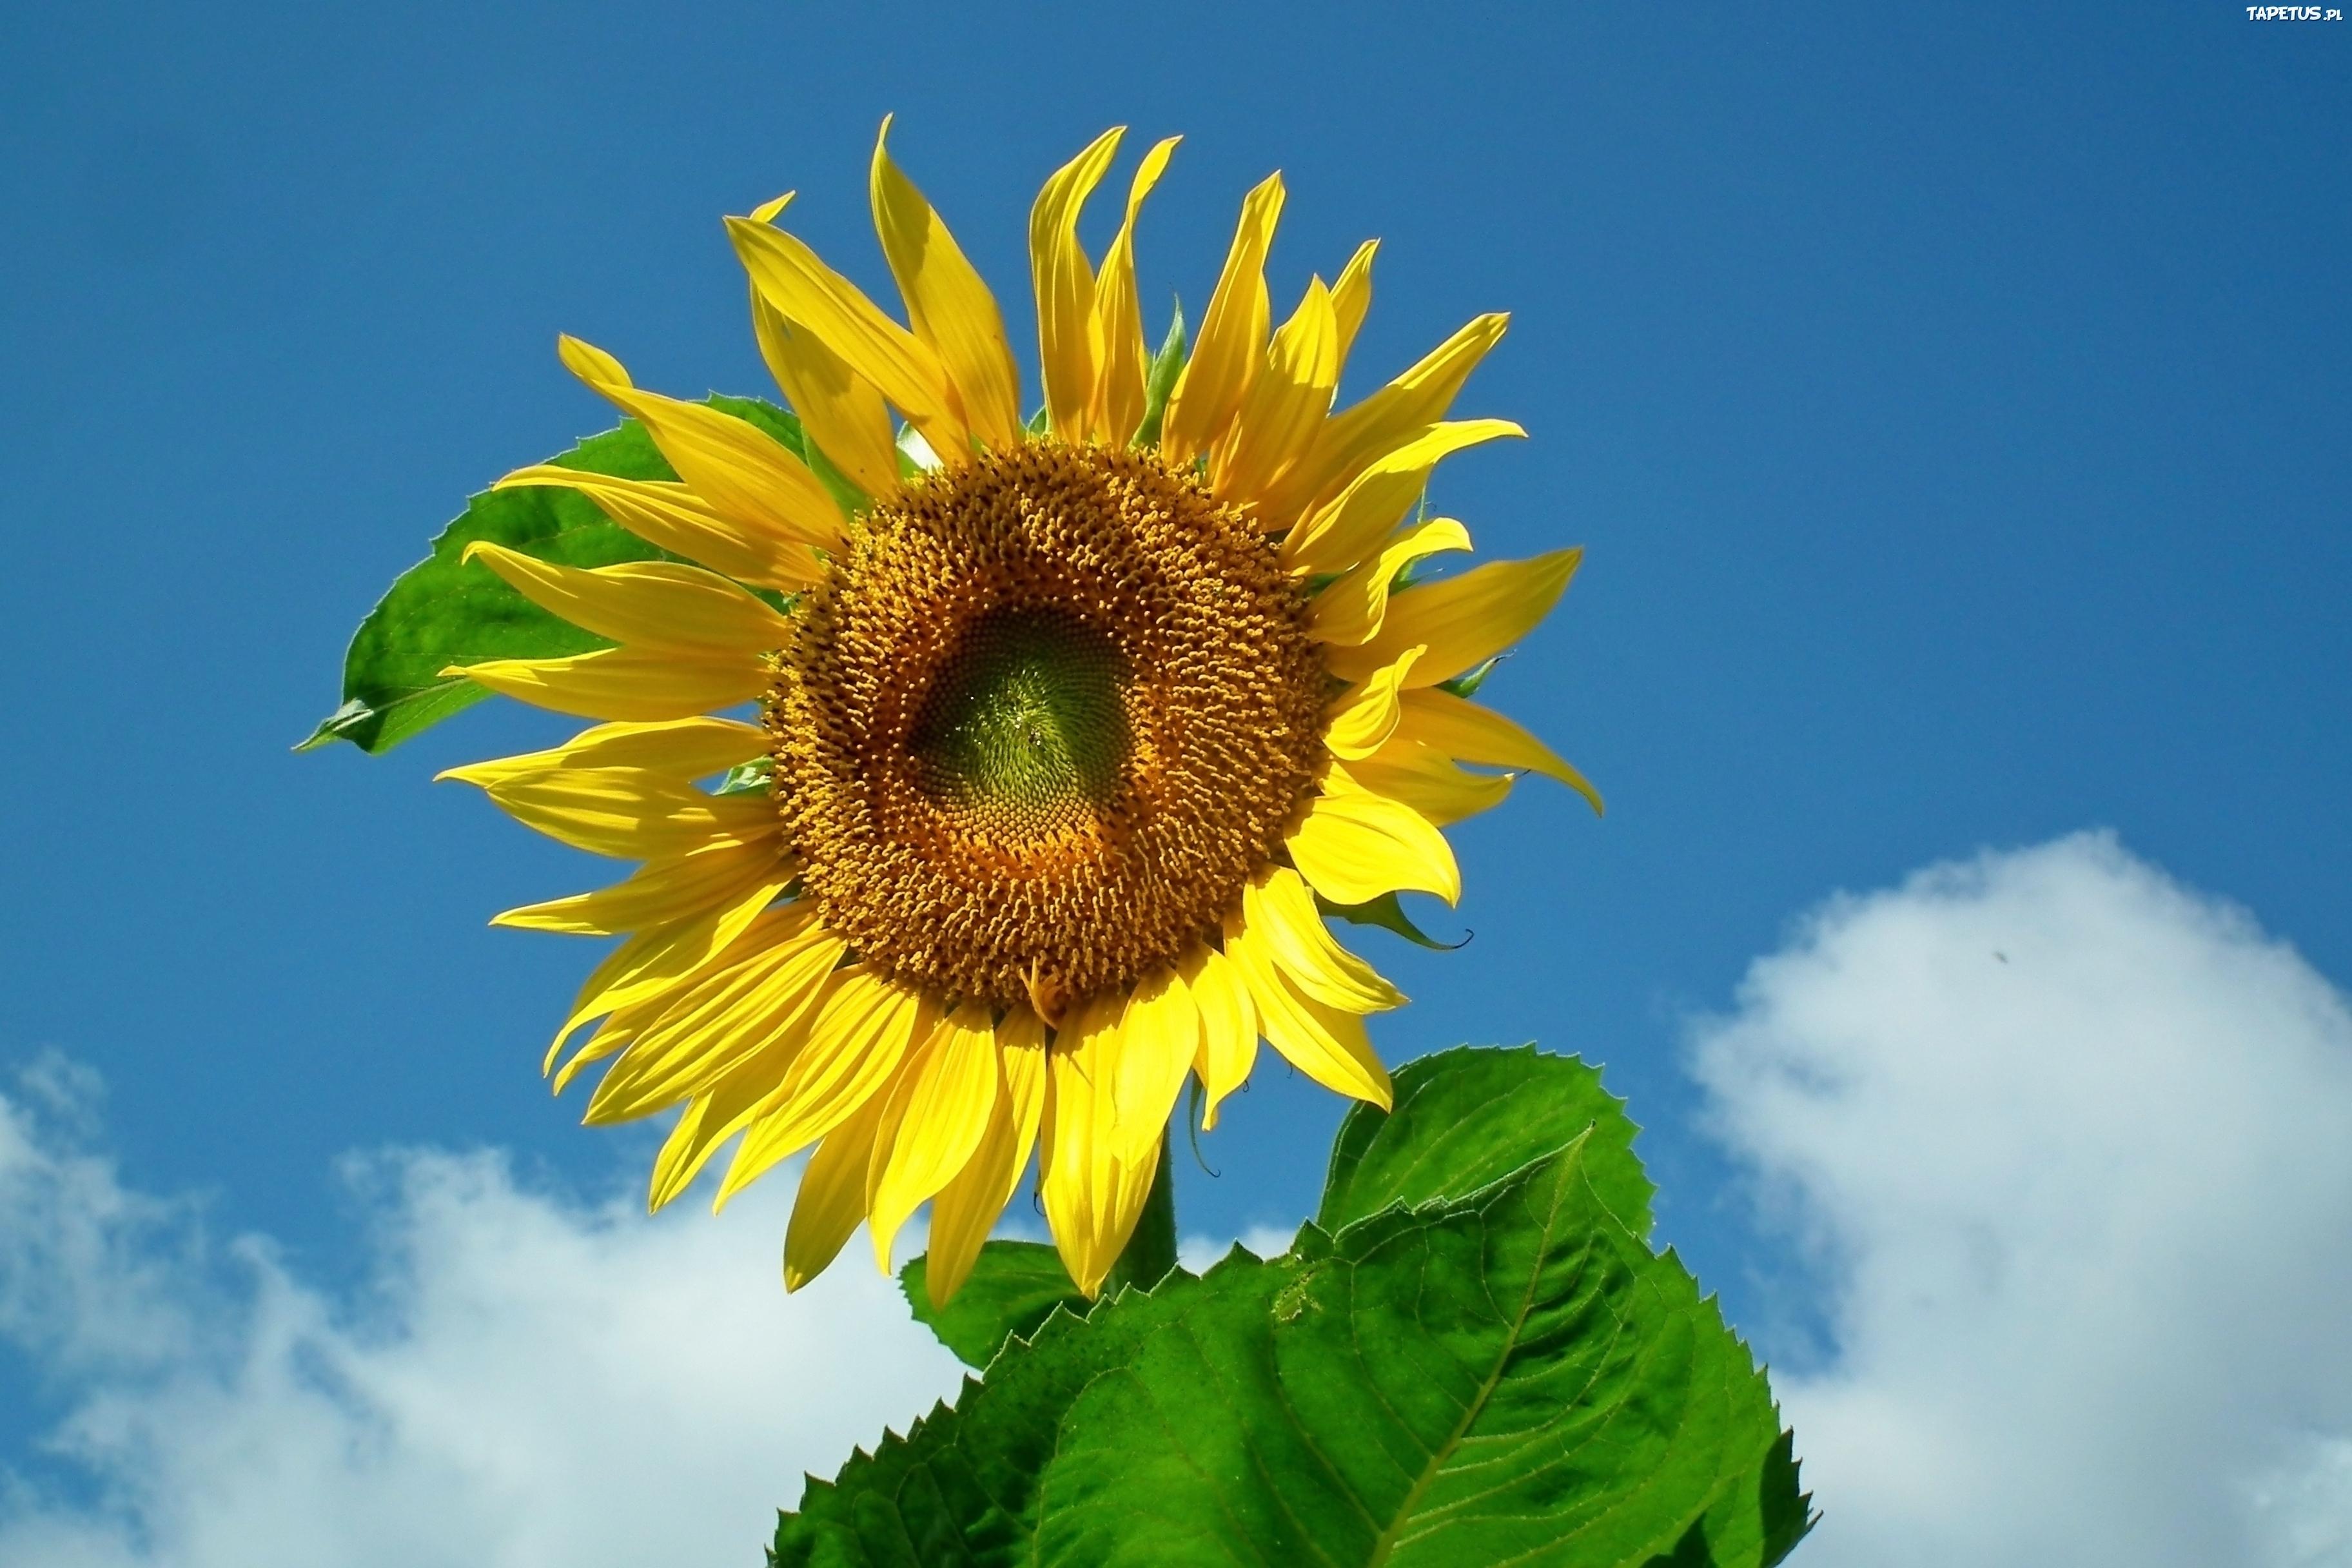 239448_przyroda-kwiat-slonecznik.jpg